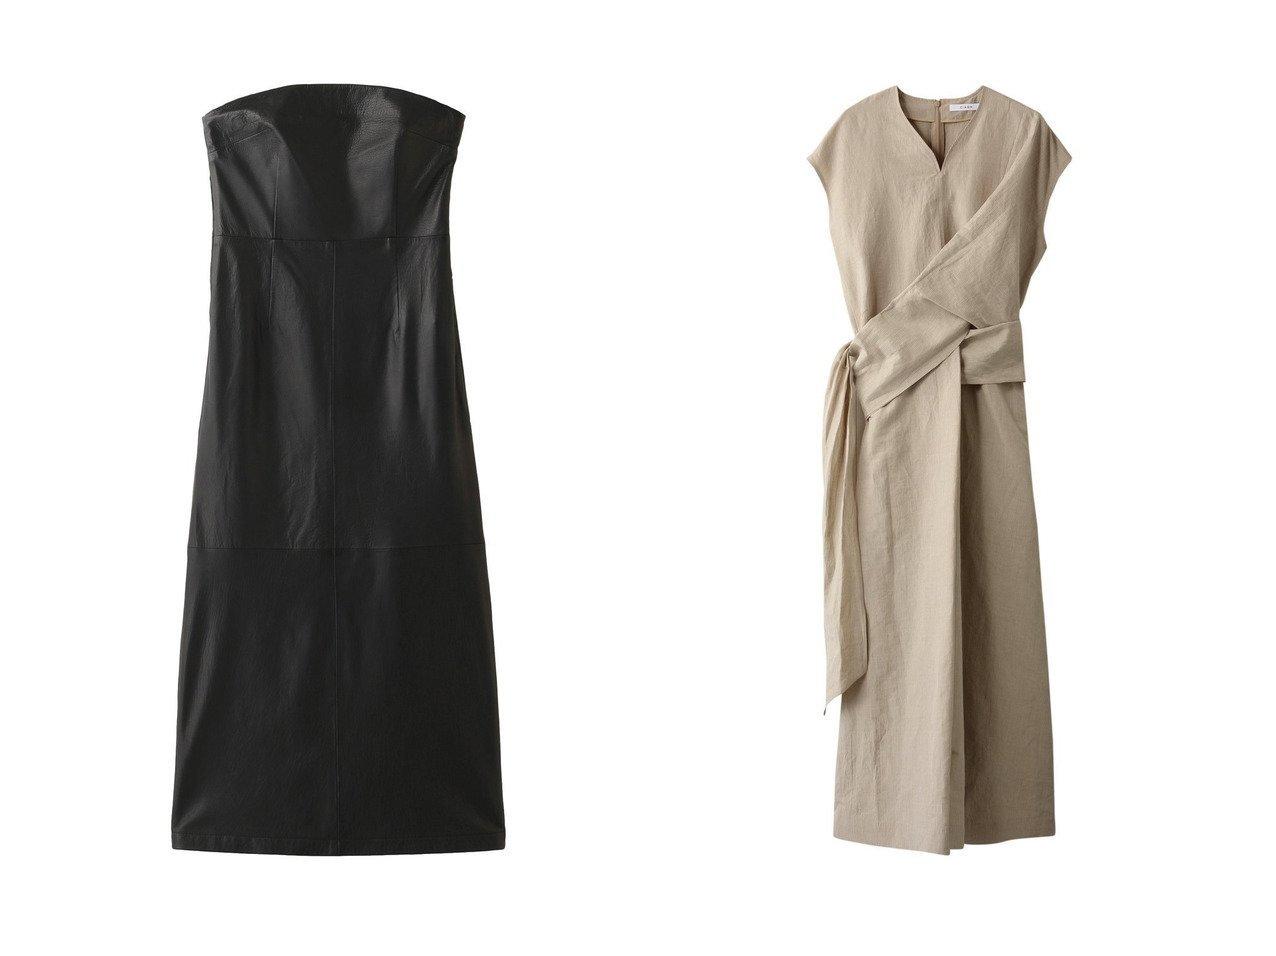 【THIRD MAGAZINE/サードマガジン】のバックギャザーレザーワンピース&【CINOH/チノ】のドレープノースリーブドレス ワンピース・ドレスのおすすめ!人気、トレンド・レディースファッションの通販 おすすめで人気の流行・トレンド、ファッションの通販商品 メンズファッション・キッズファッション・インテリア・家具・レディースファッション・服の通販 founy(ファニー) https://founy.com/ ファッション Fashion レディースファッション WOMEN ワンピース Dress ドレス Party Dresses 2021年 2021 2021 春夏 S/S SS Spring/Summer 2021 S/S 春夏 SS Spring/Summer ストライプ フロント リネン リボン ロング 春 Spring |ID:crp329100000023383